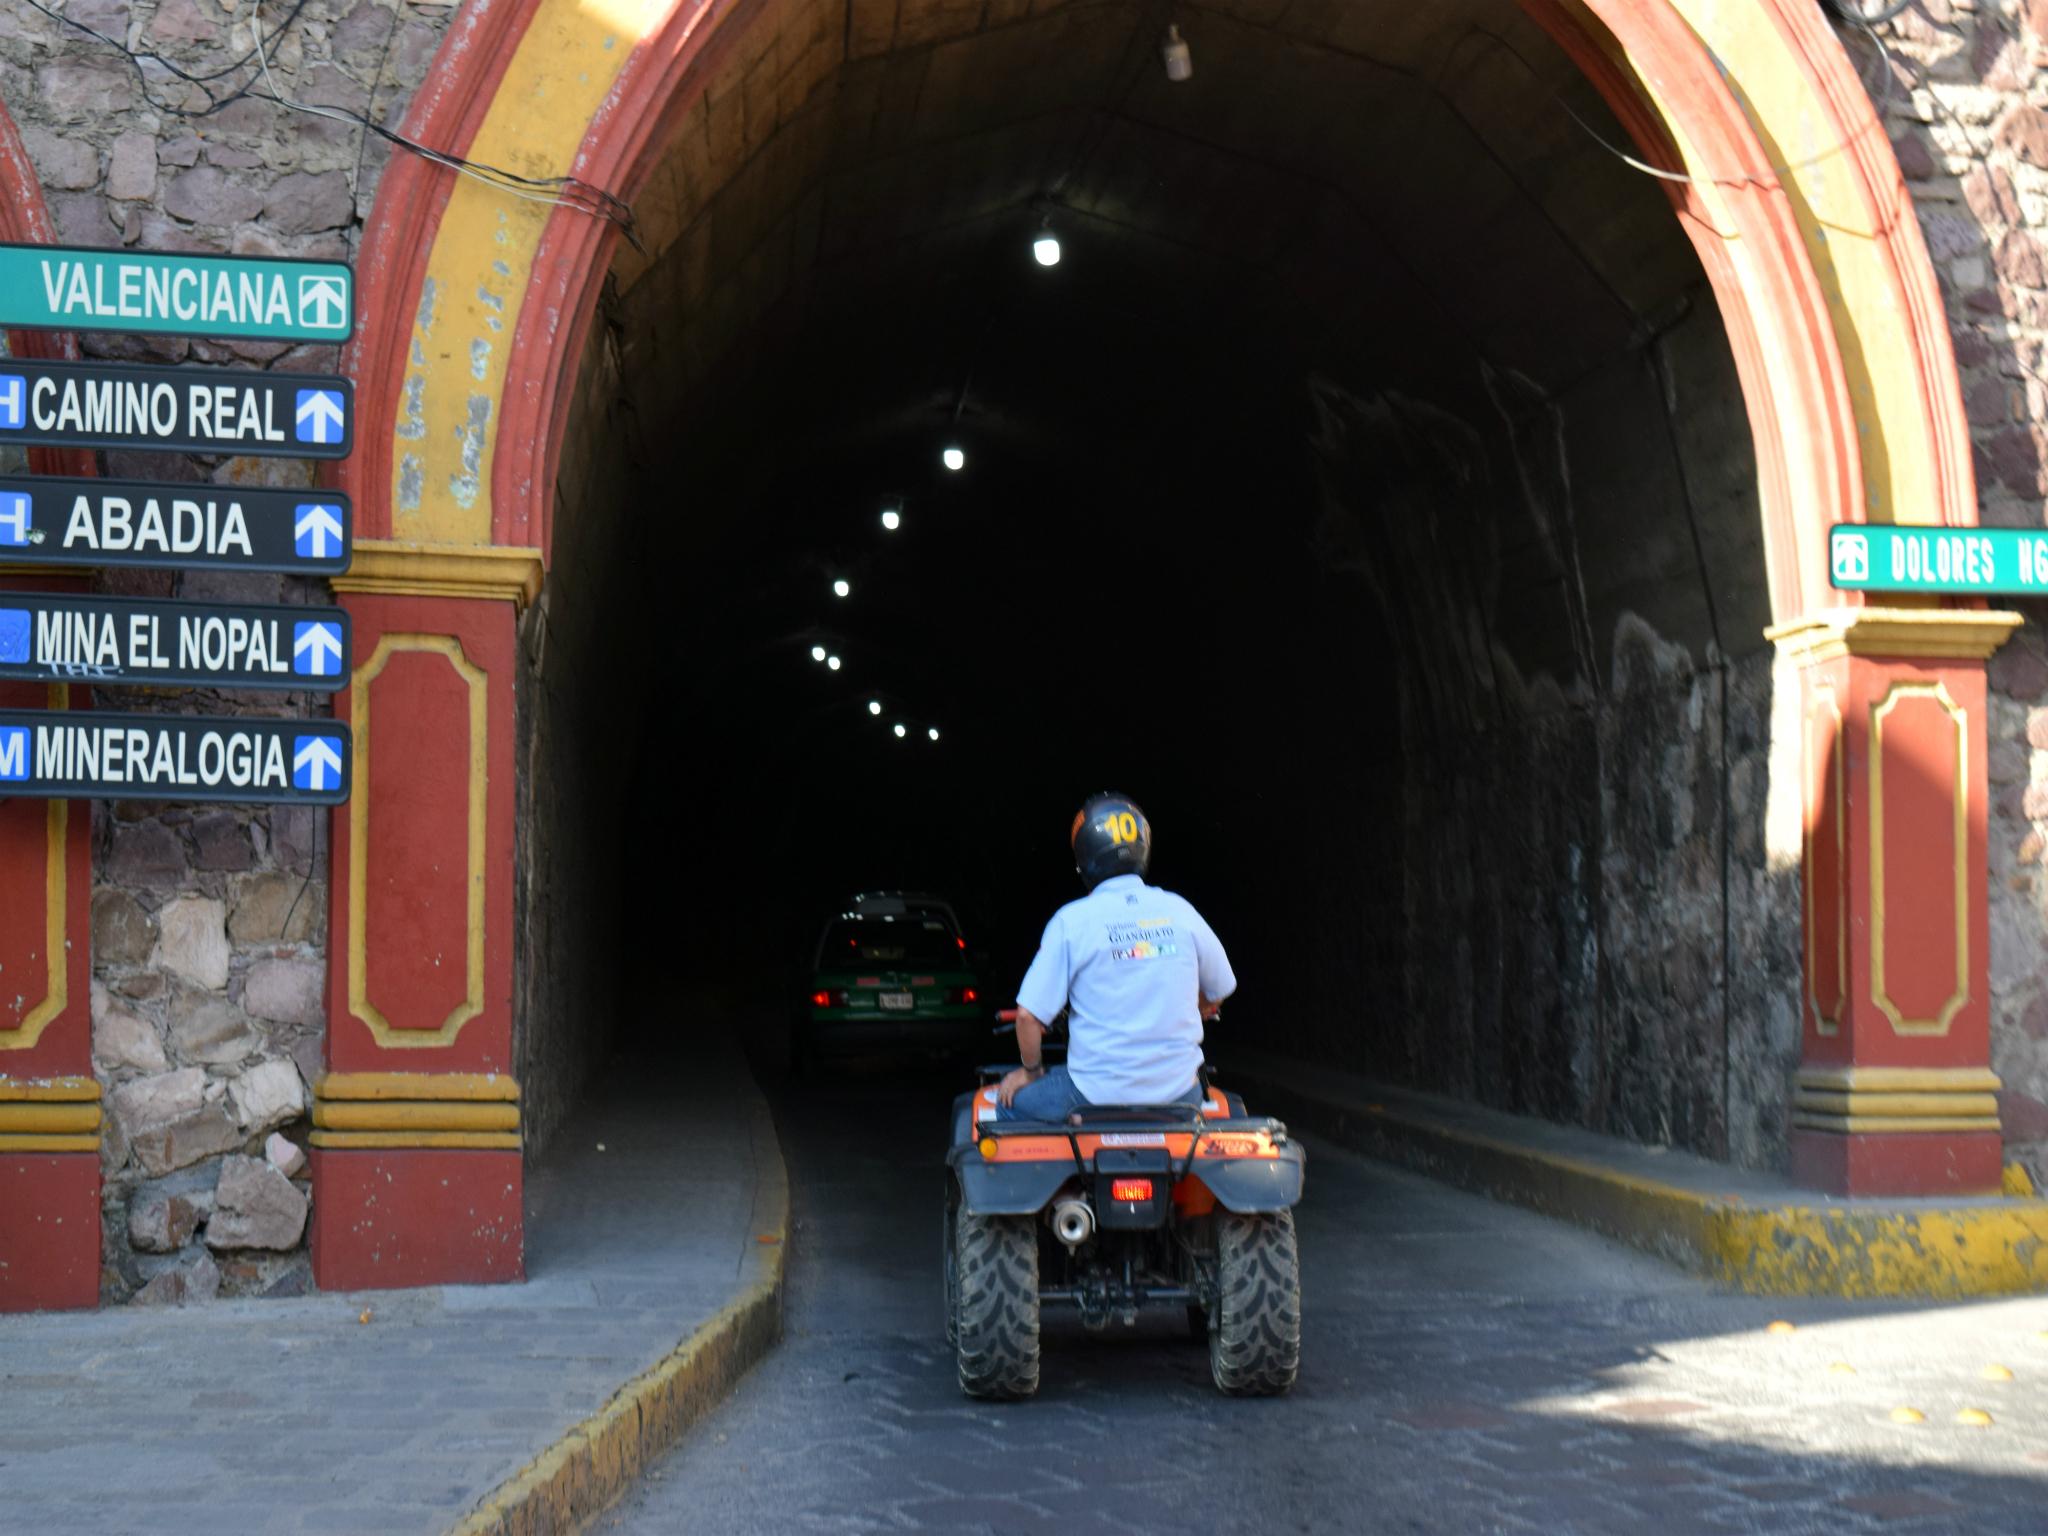 Recorre Guanajuato sobre cuatrimotos, experiencia de turismo extremo